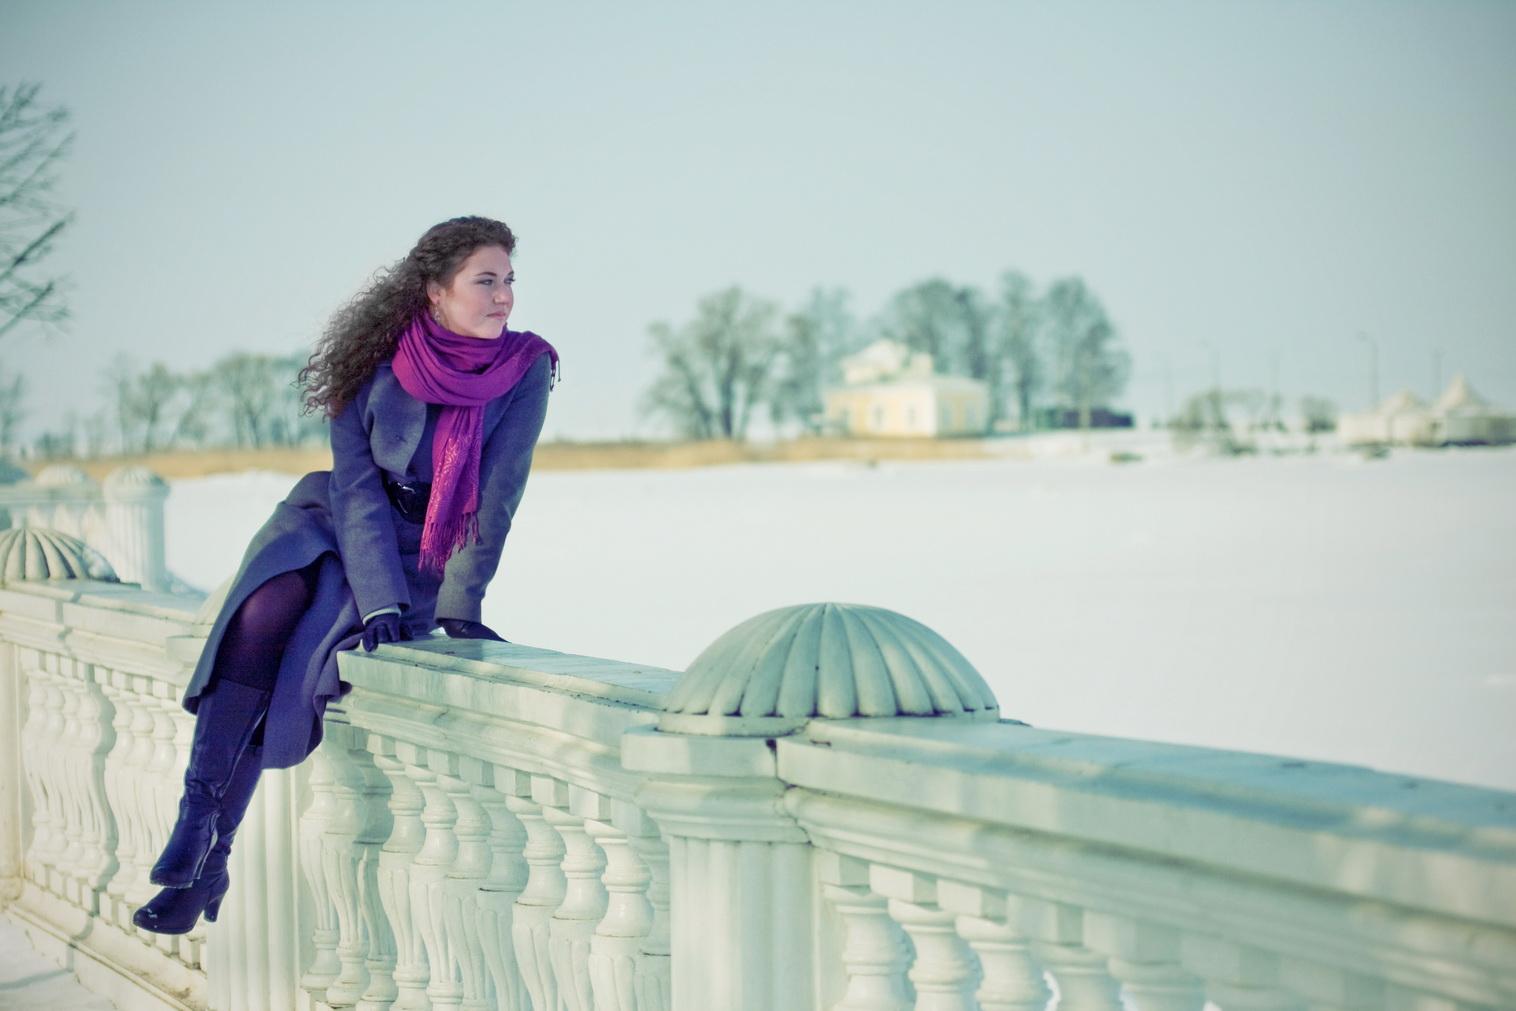 Градинар Олег photo